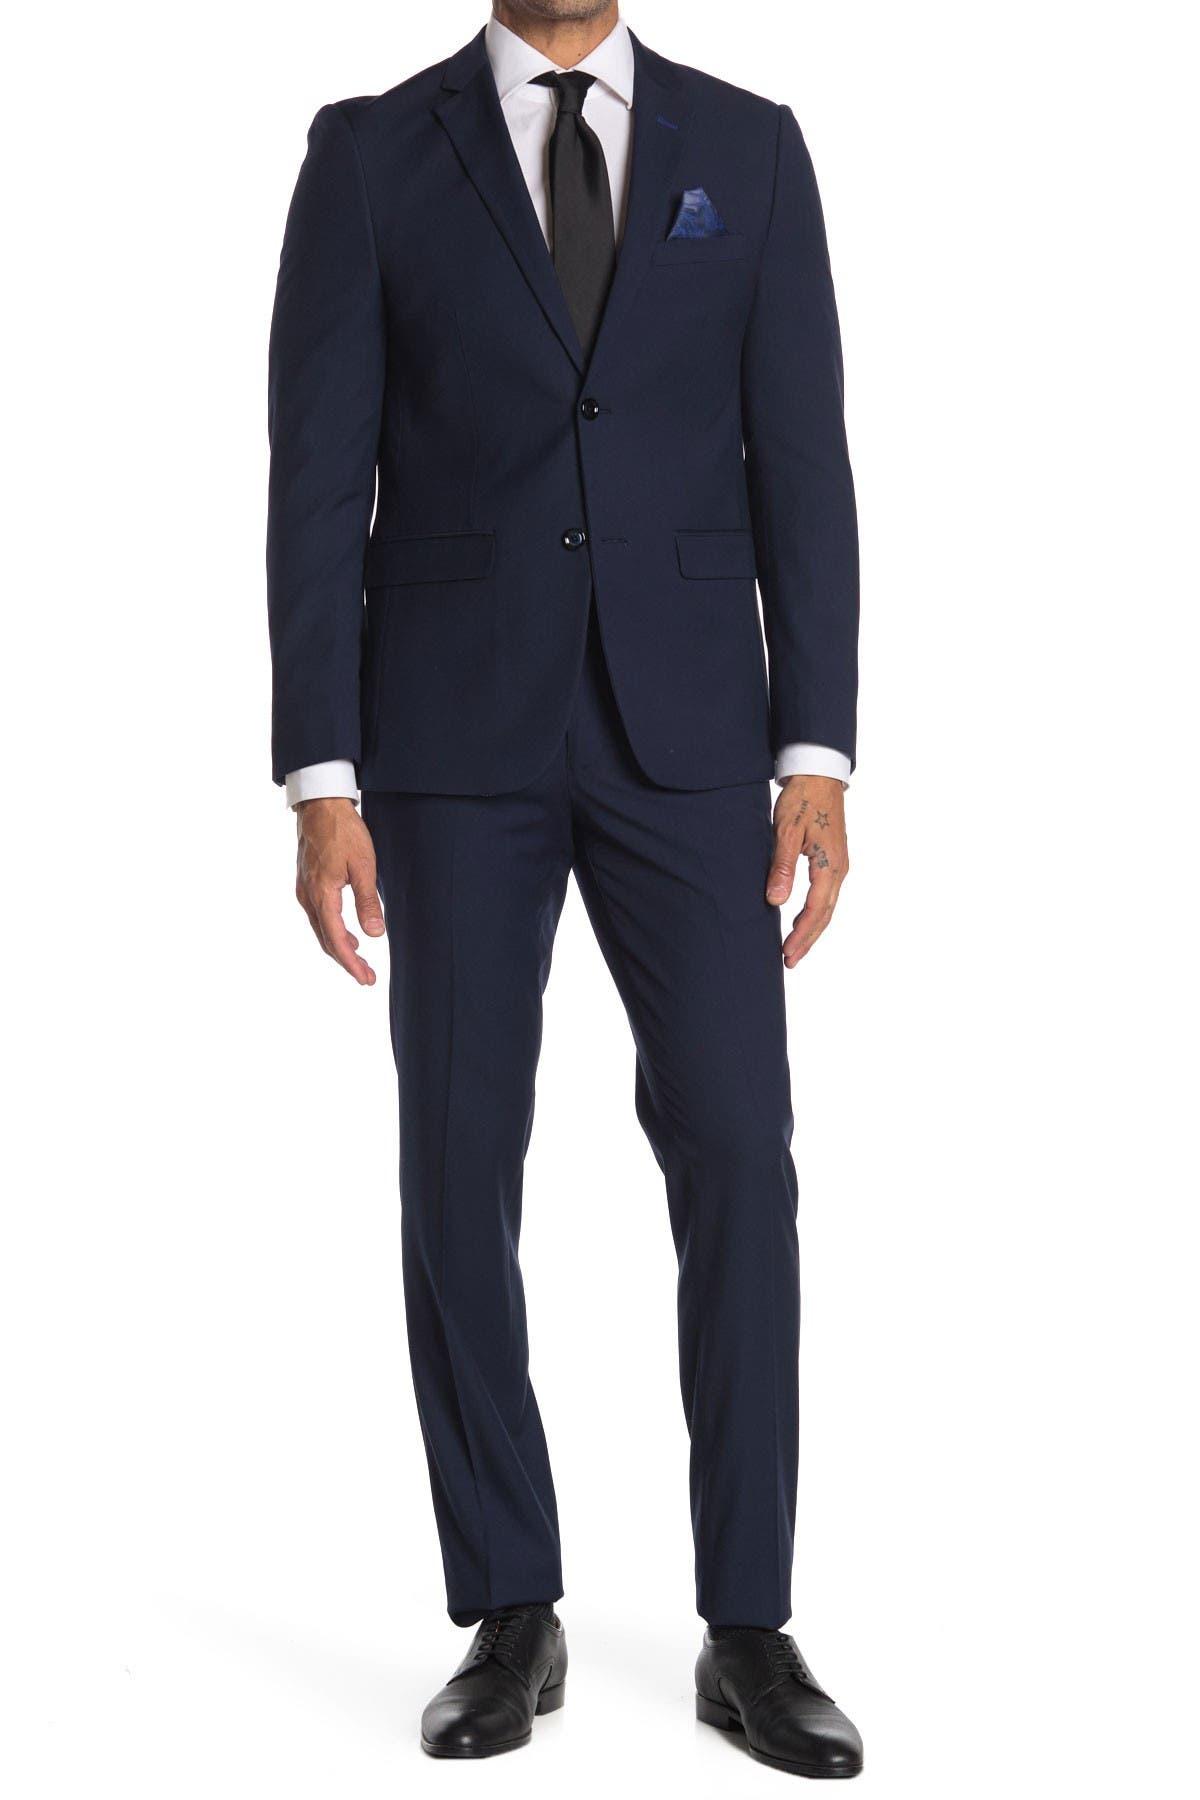 Image of SOUL OF LONDON Two Button Notch Lapel Slim Fit Suit